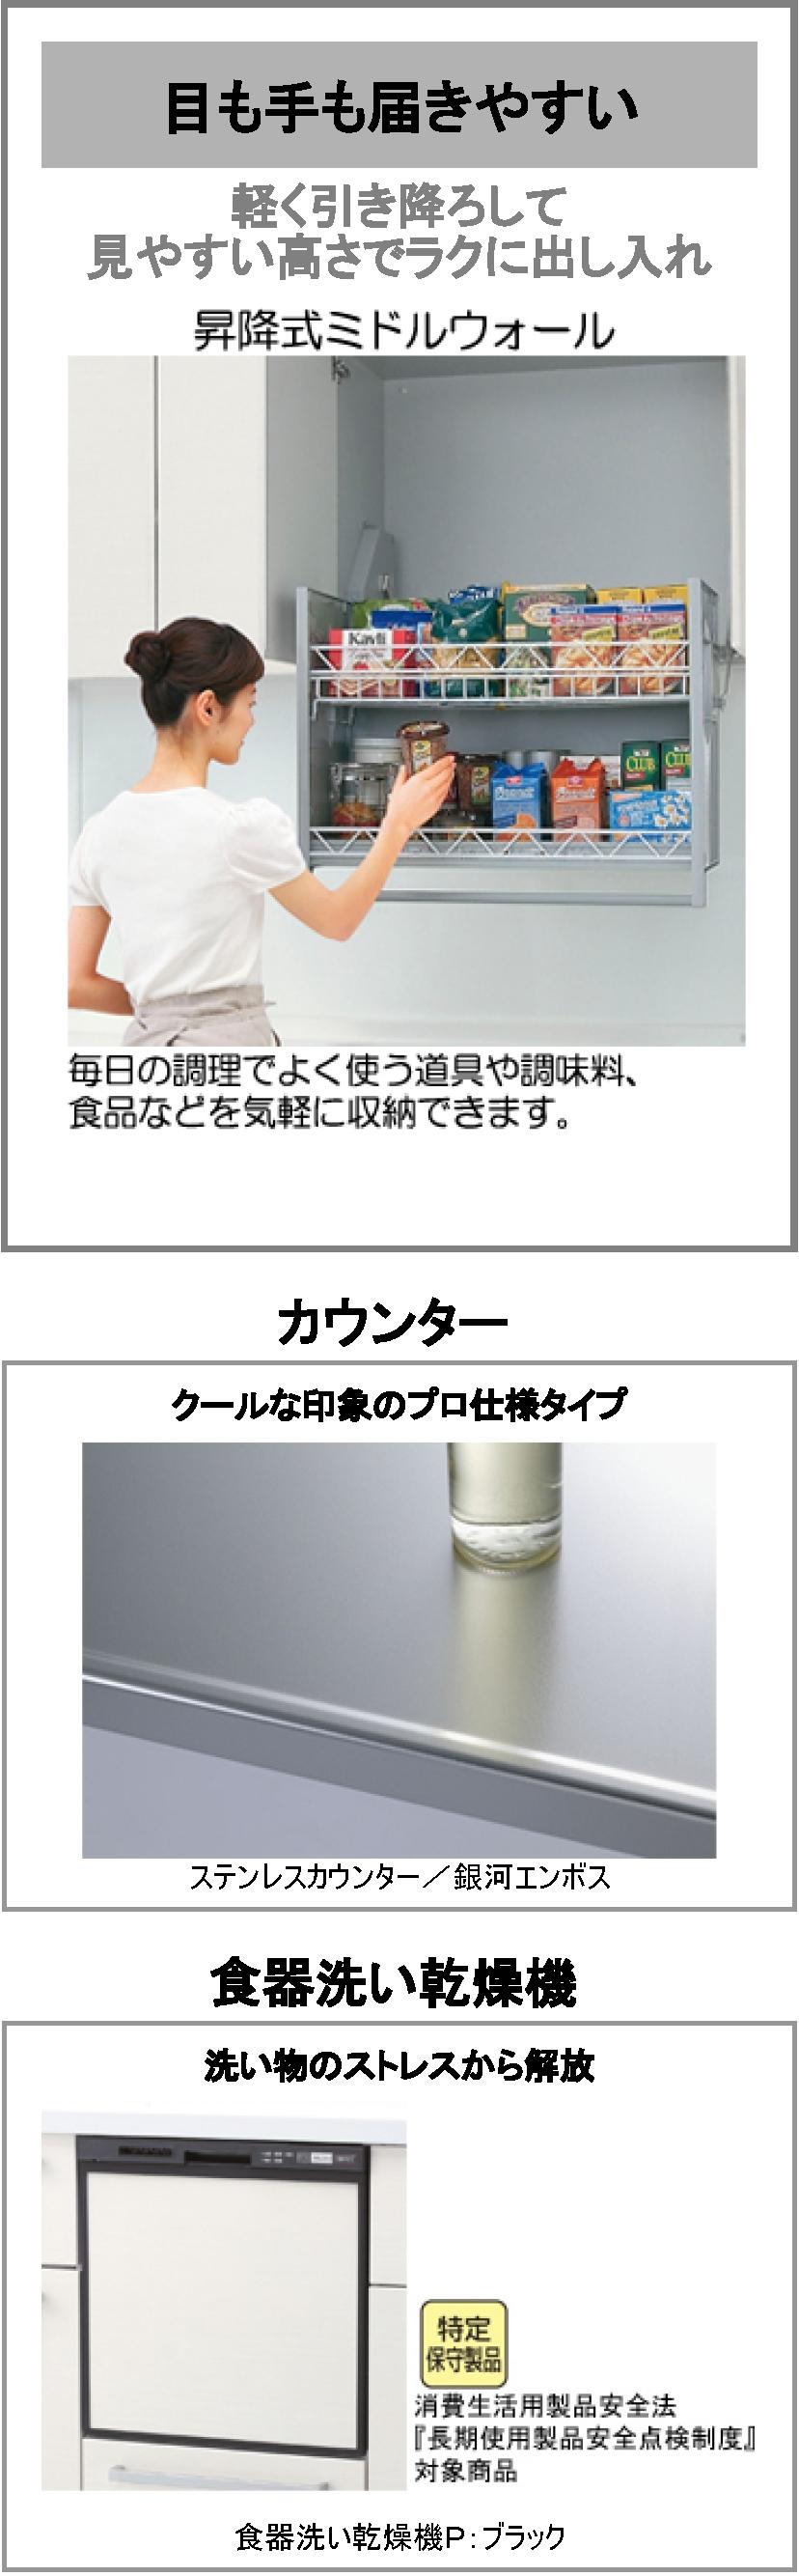 キッチンクラッソ 特長③